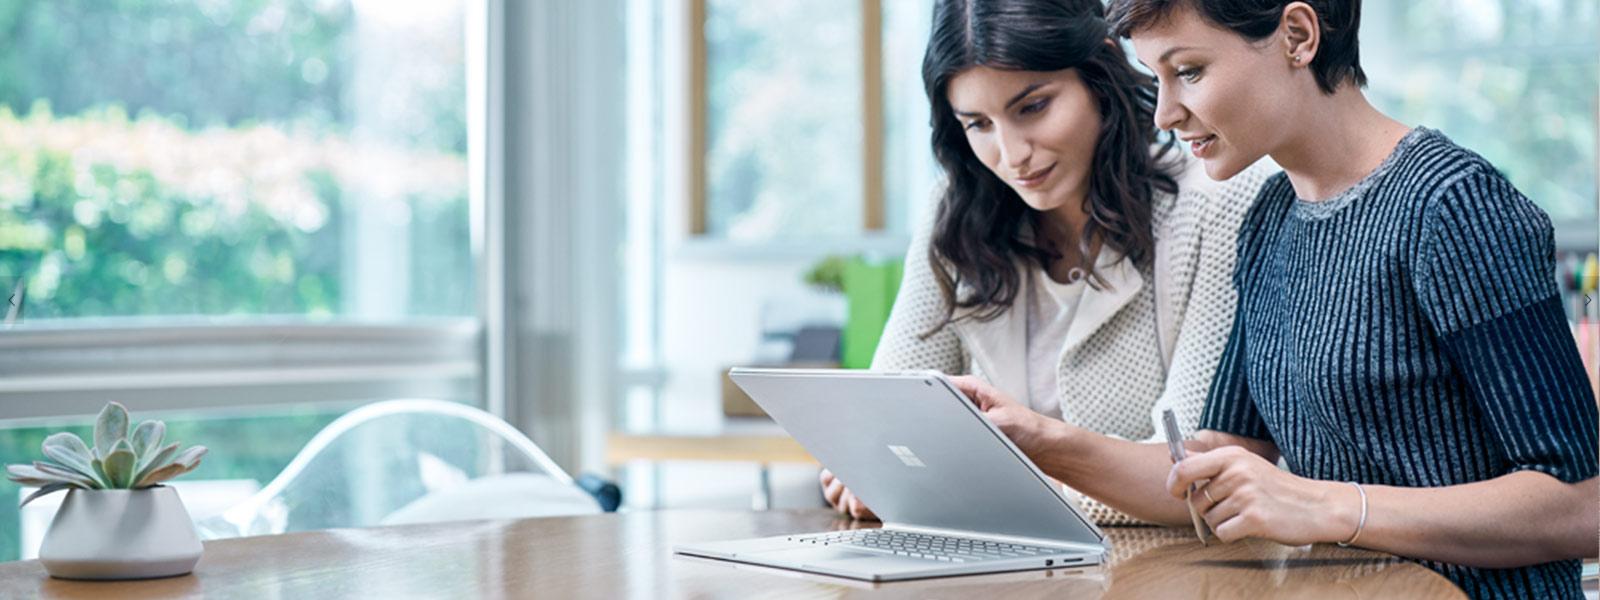 Une femme utilisant Surface Studio zoomant par un mouvement de pincement avec le stylet et l'interface tactile.